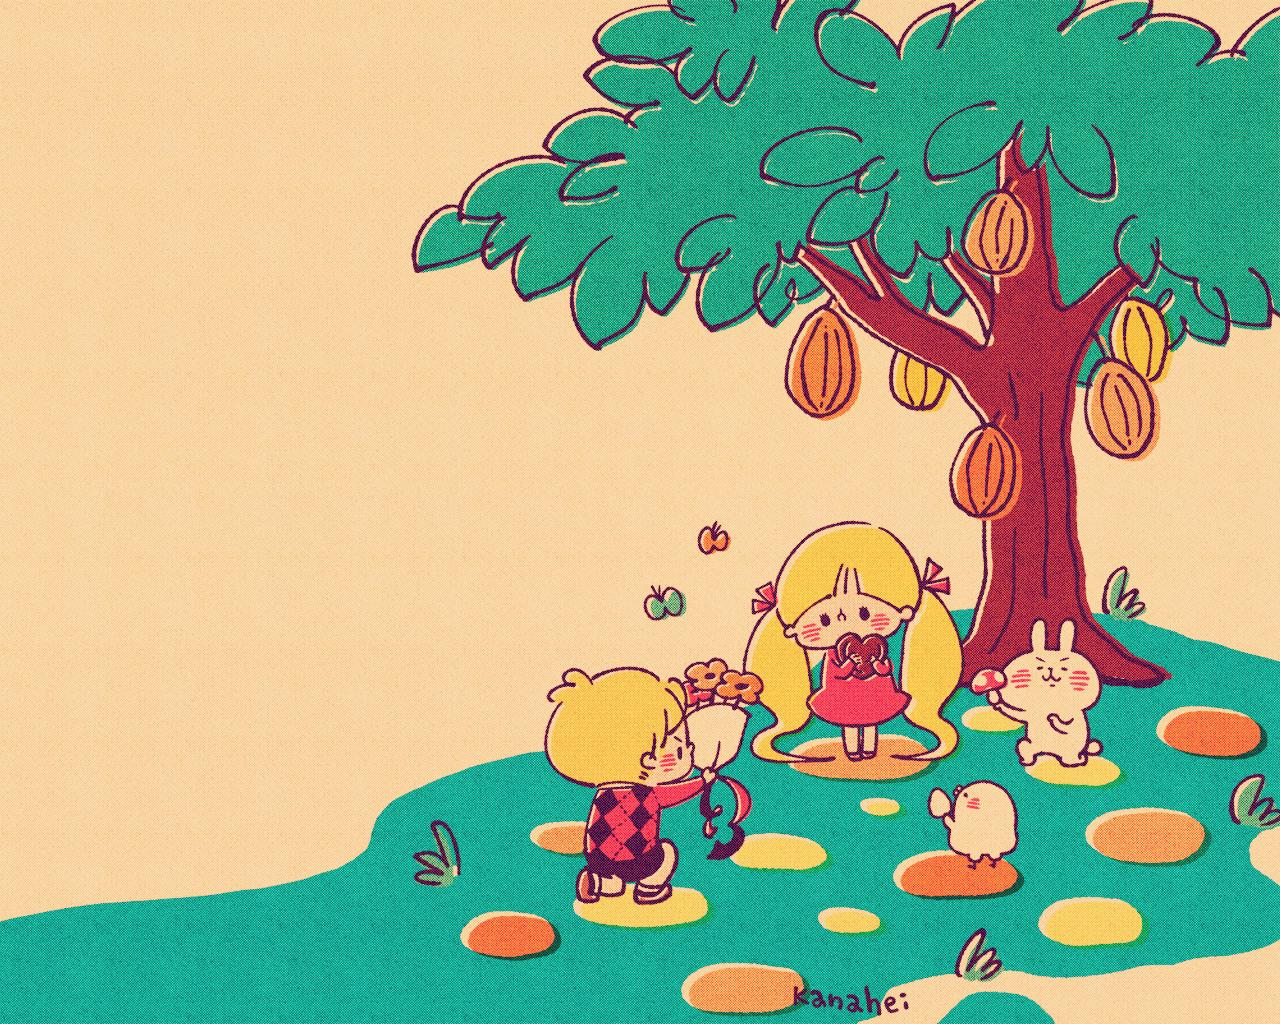 カナヘイ木の下で告白